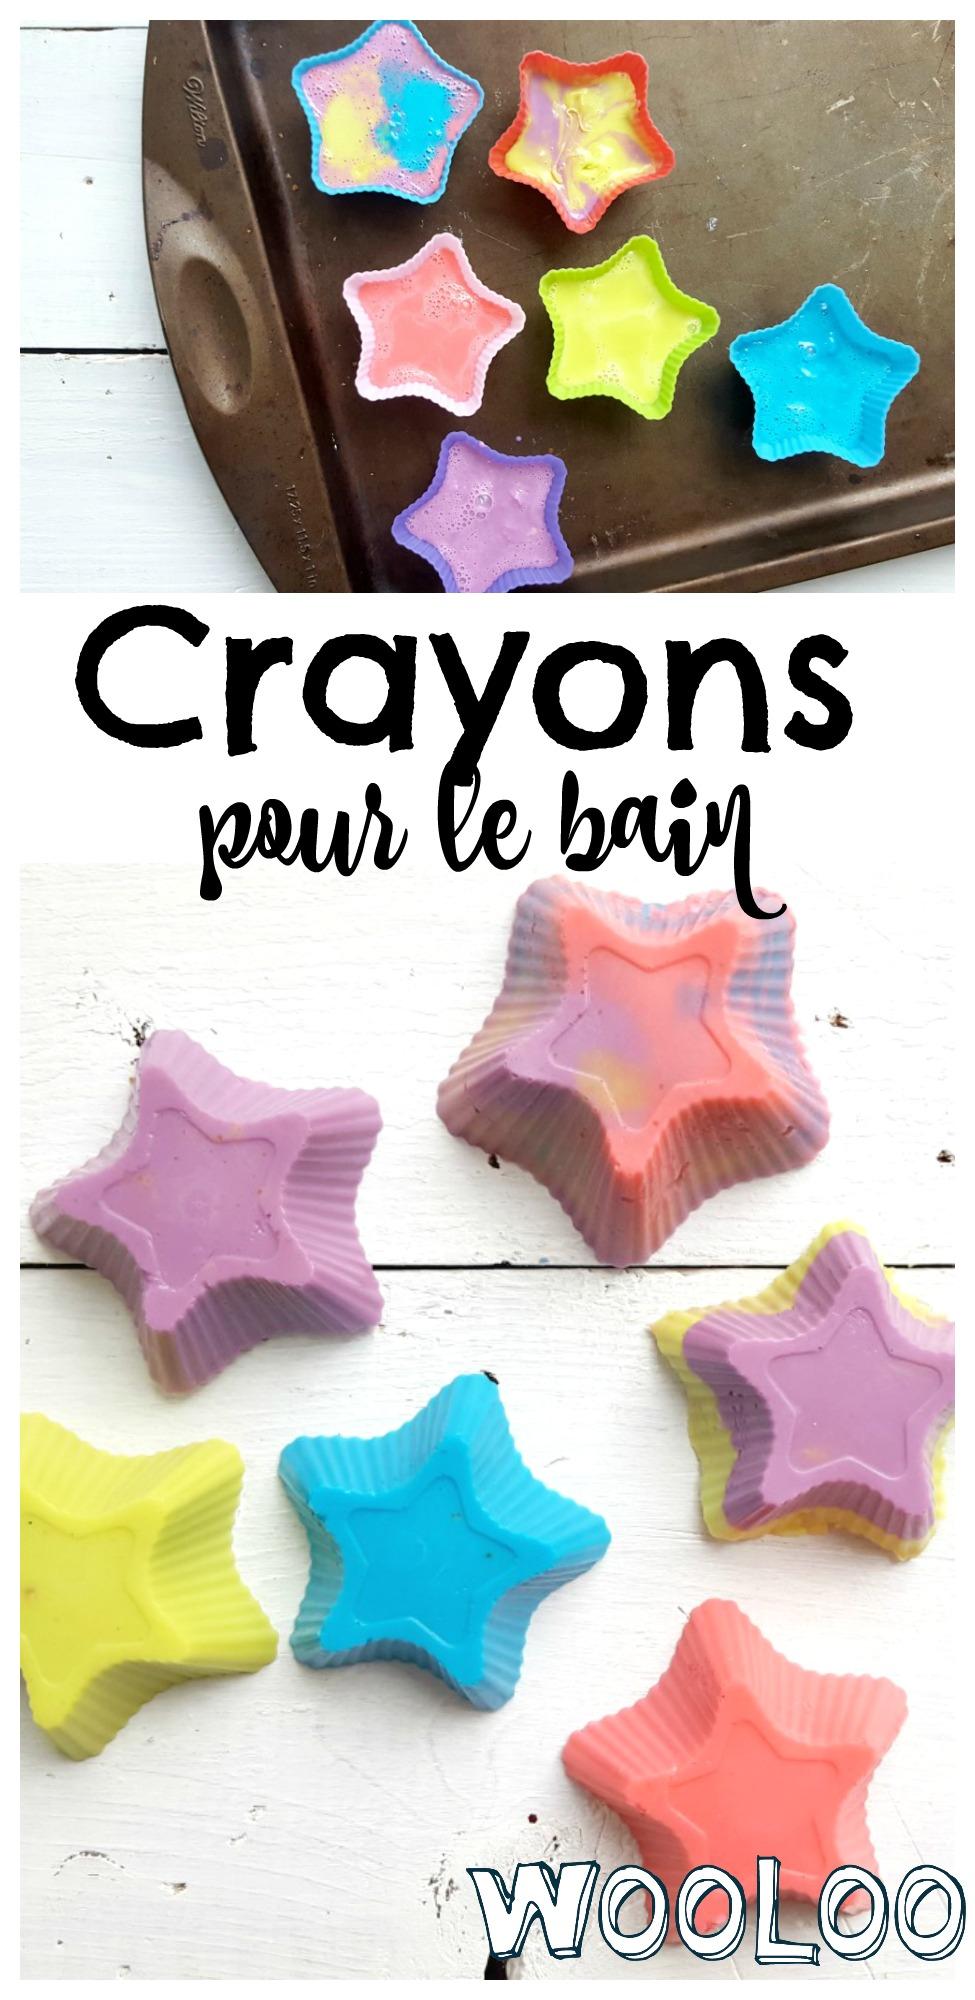 crayons de bain / wooloo